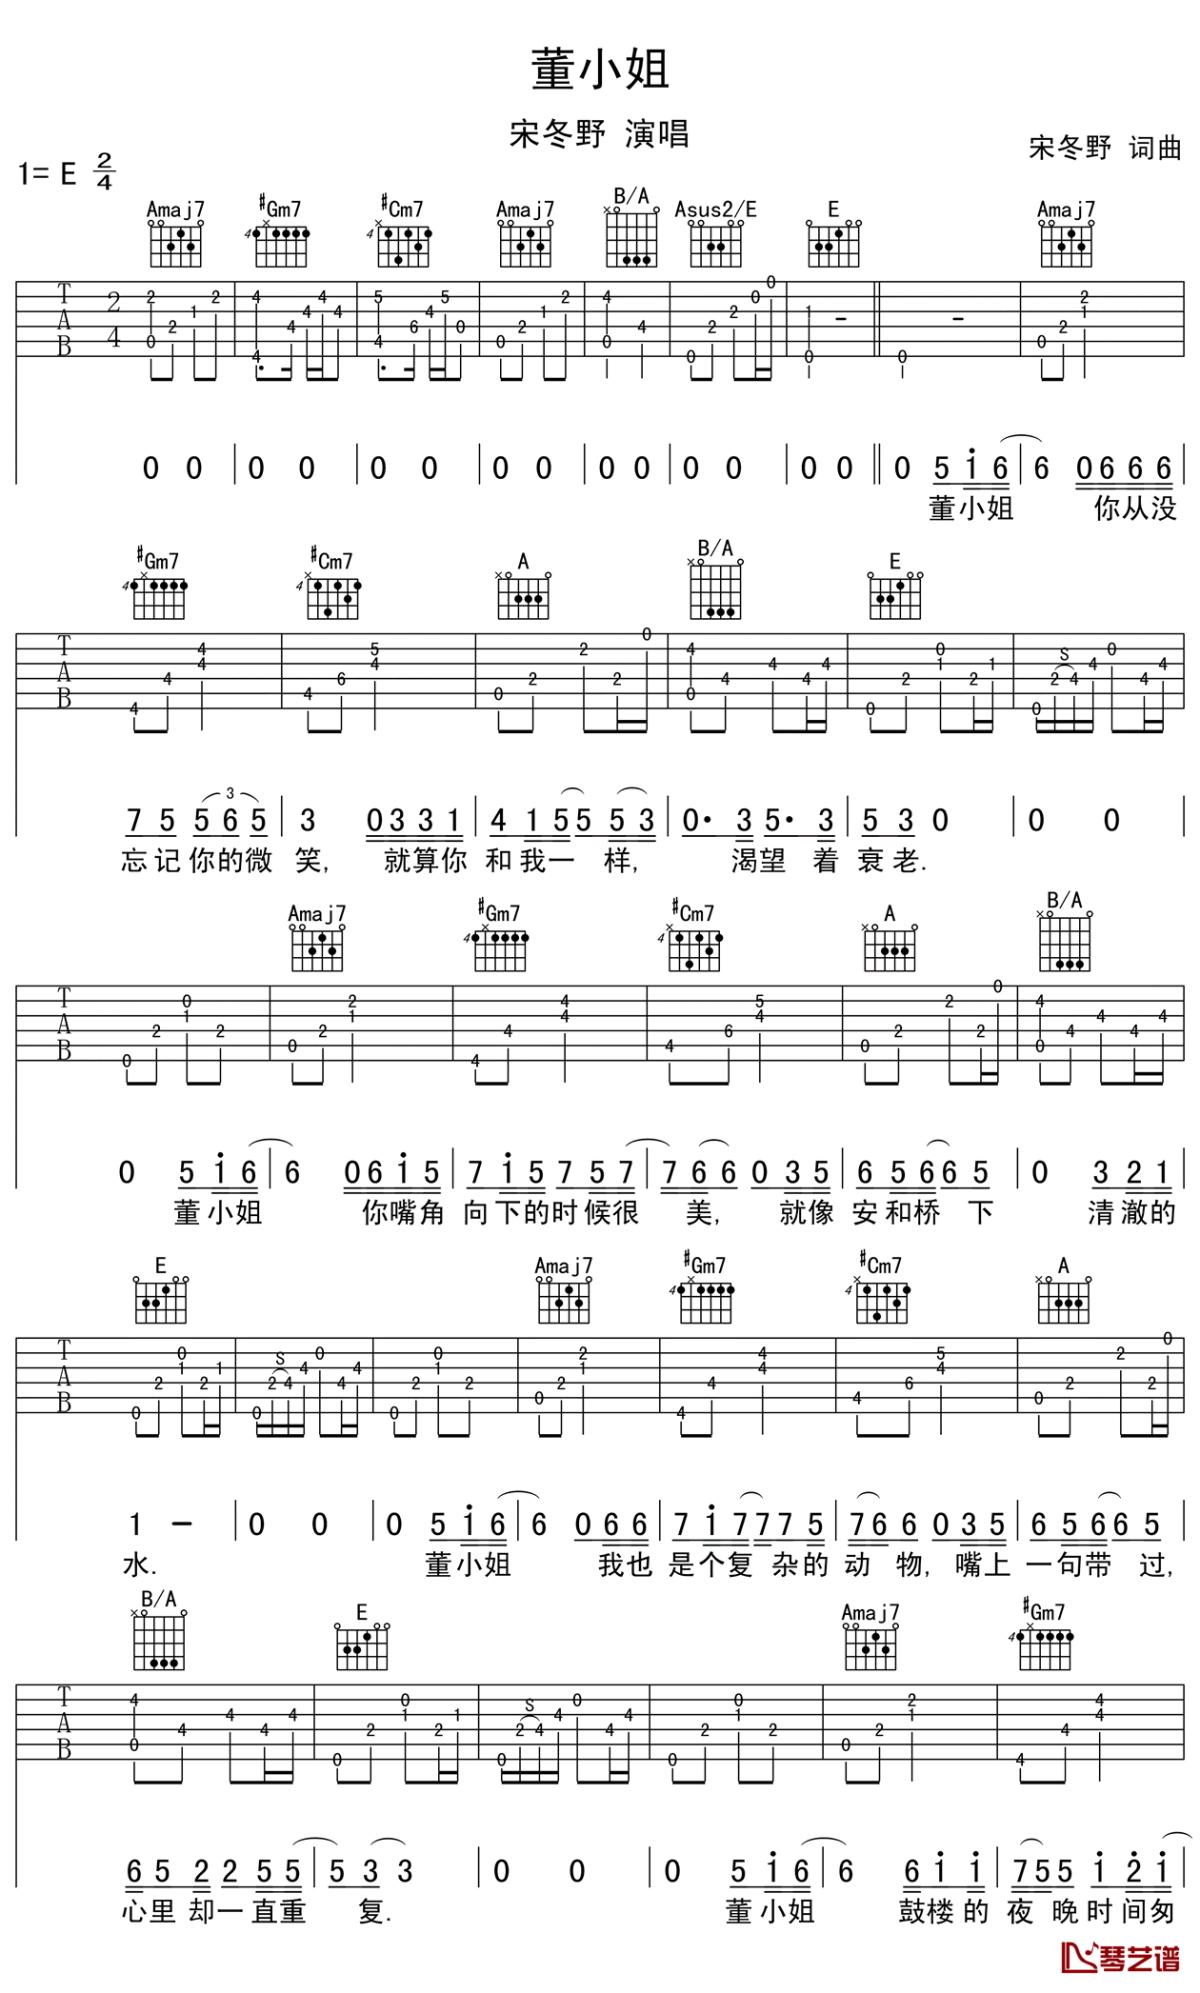 董小姐吉他谱 宋冬野民谣吉他曲谱 董小姐简单版吉他谱1